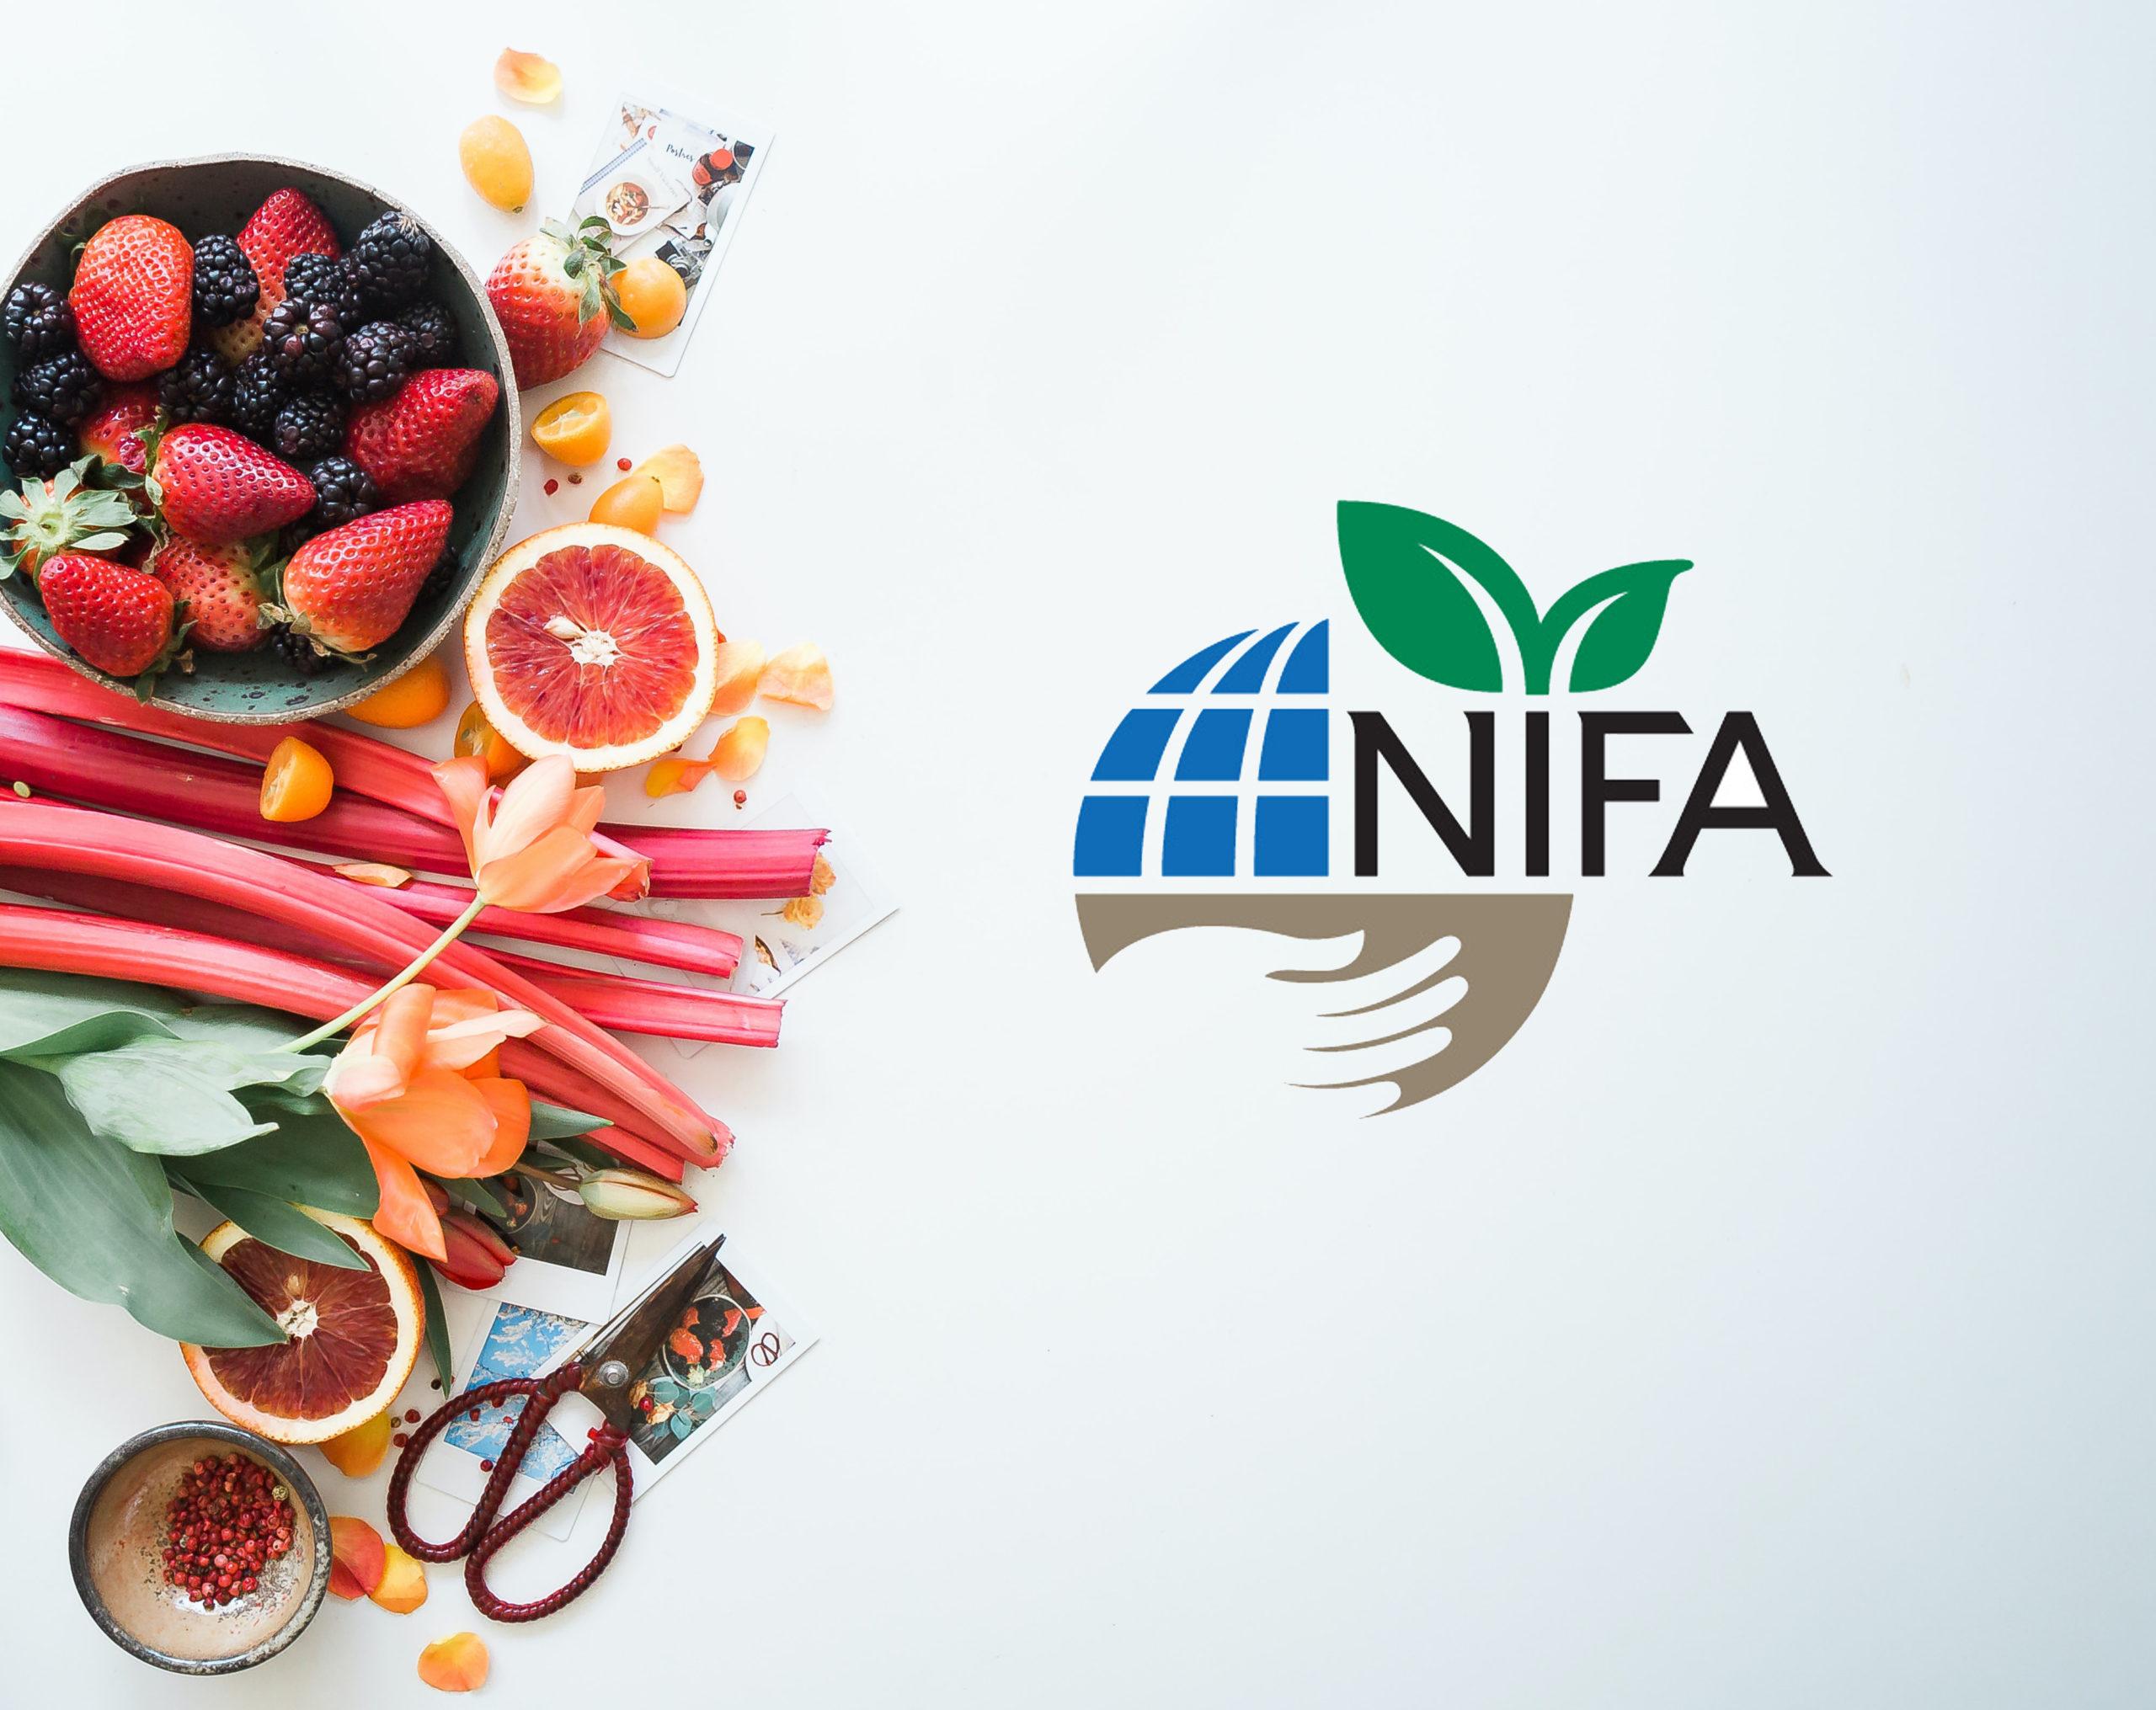 Le National Institute of Food and Agriculture retient 34 projets de recherche pour améliorer les plantes et la production agricole